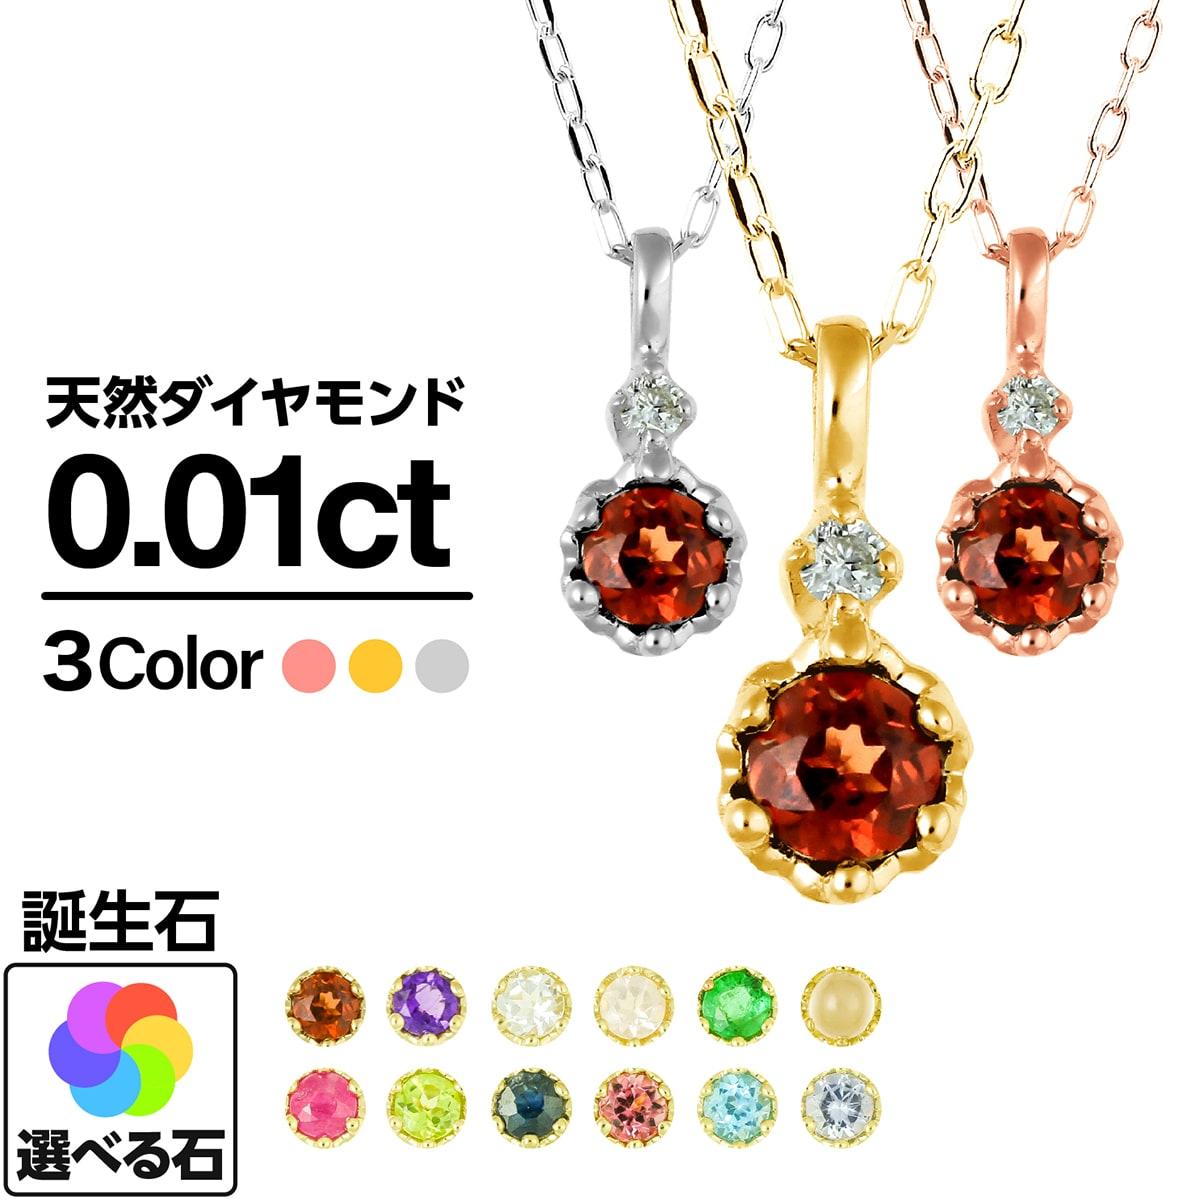 選べるカラーストーン 誕生石 ネックレス k18 イエローゴールド/ホワイトゴールド/ピンクゴールド 品質保証書 金属アレルギー 日本製 新生活 ギフト